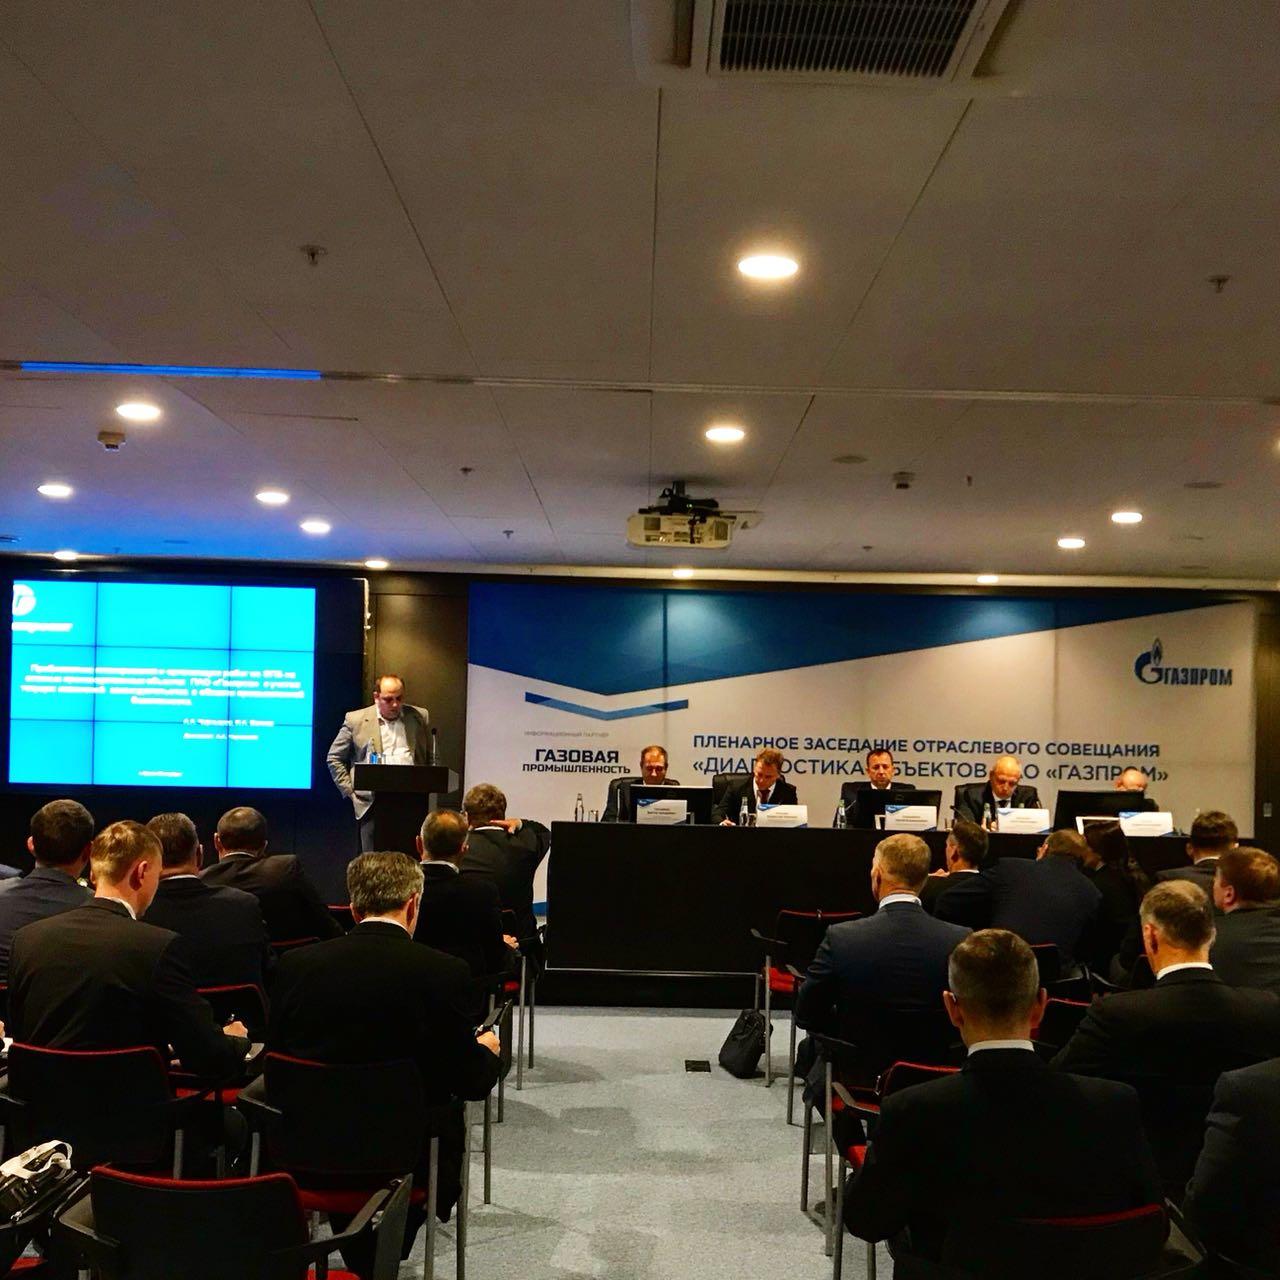 Отраслевое совещание «Диагностика объектов ПАО «Газпром»